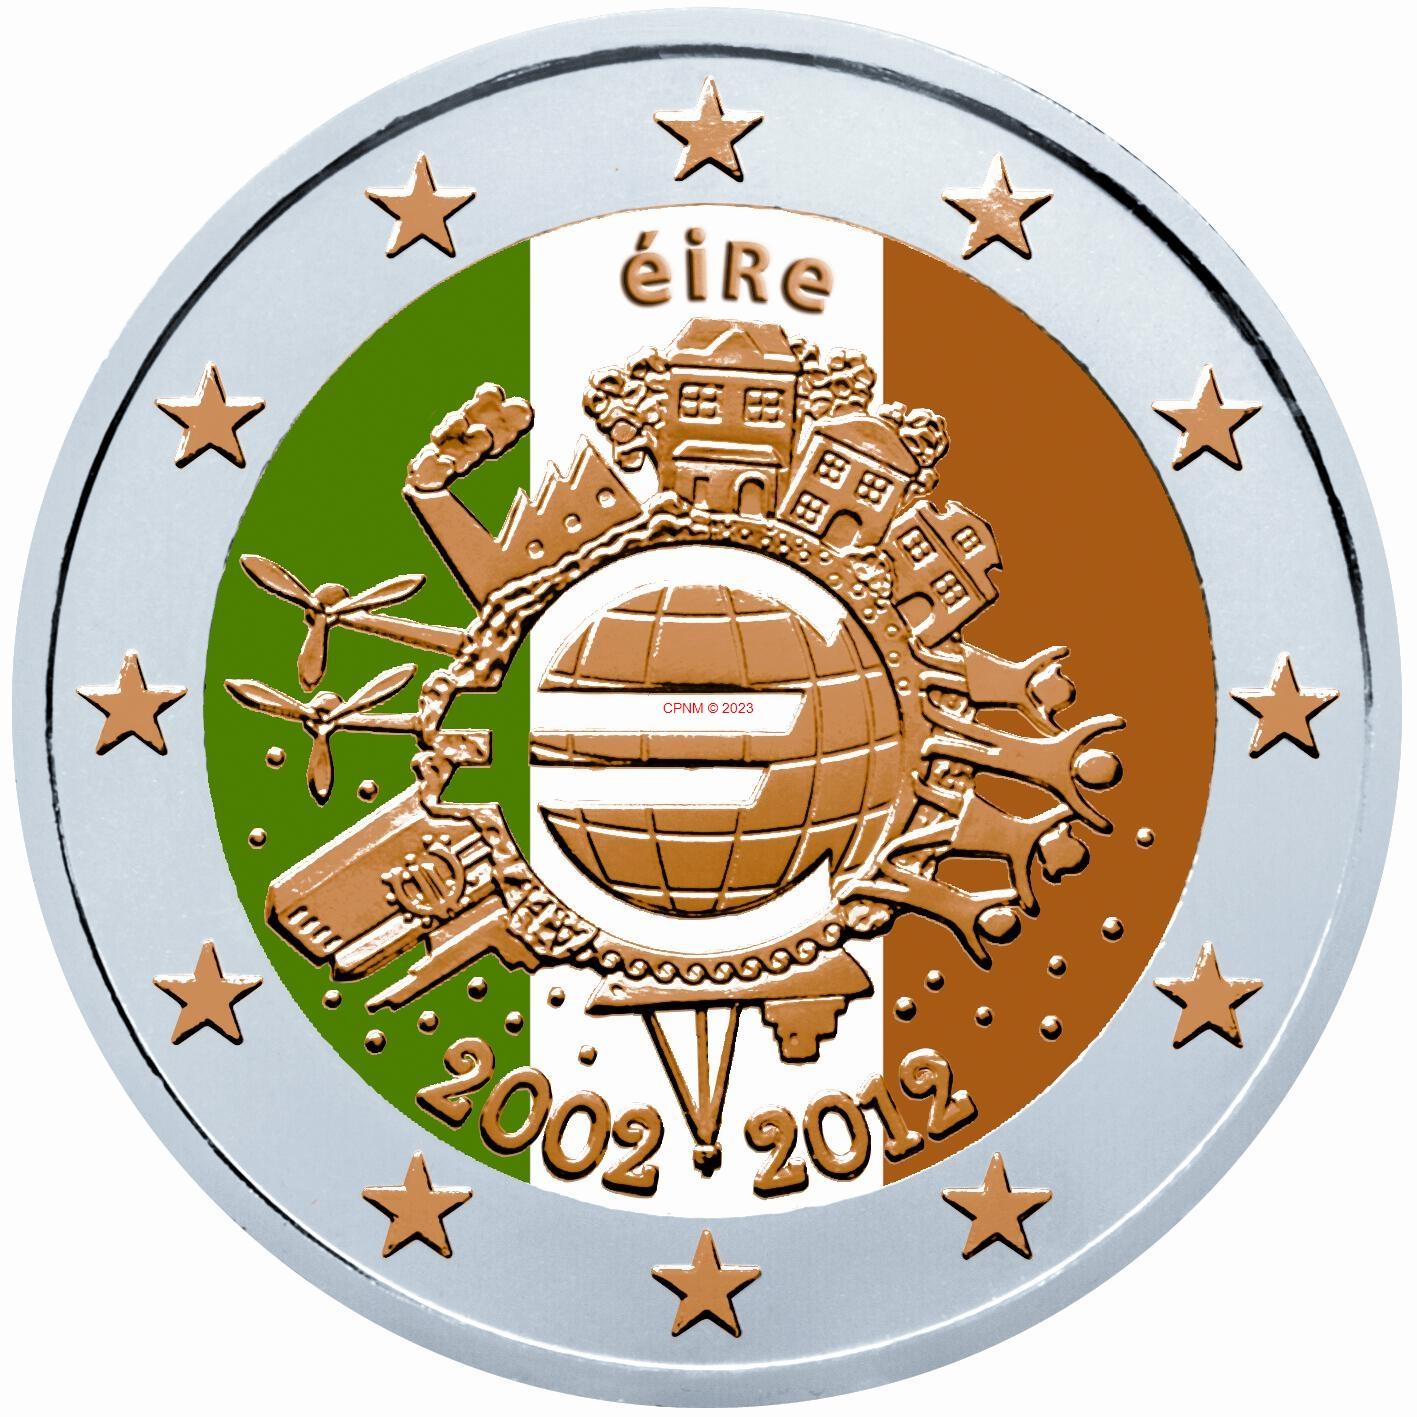 Euros irlande - Comptoir numismatique monaco ...